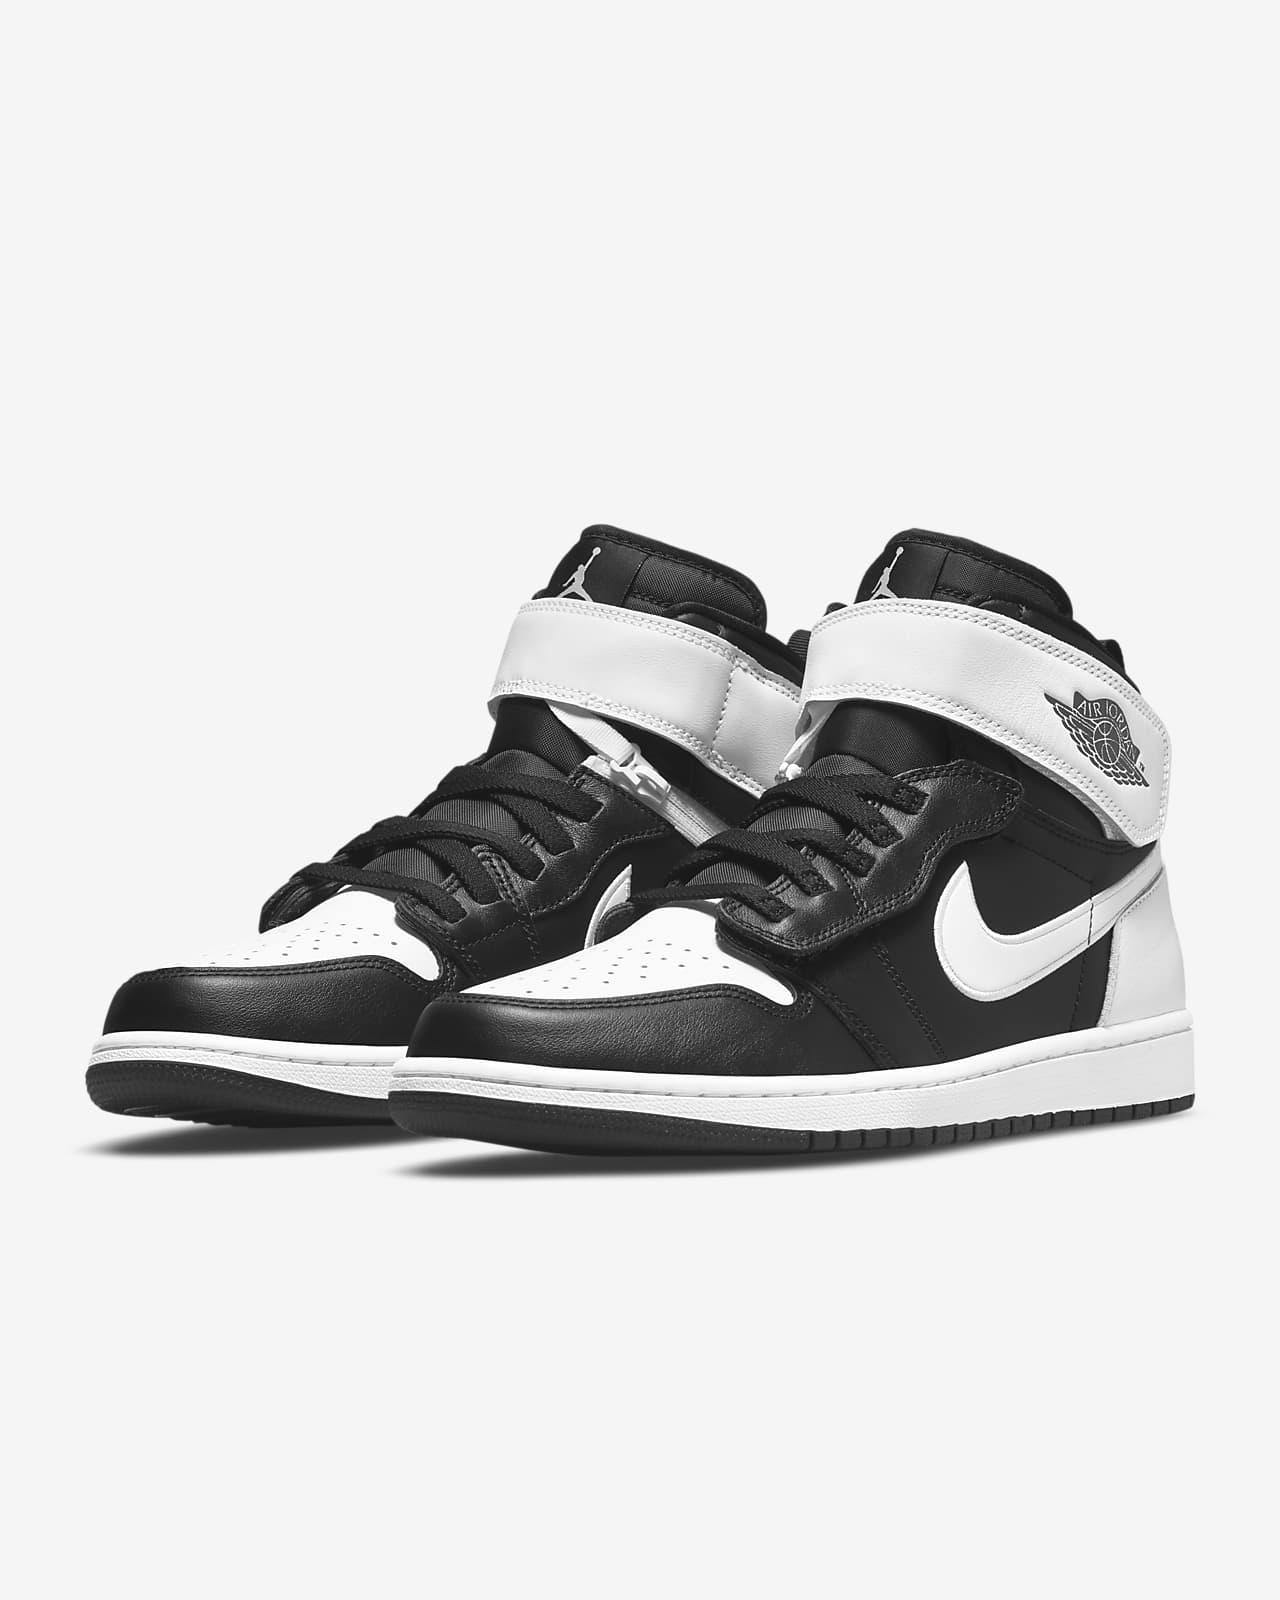 Air Jordan 1 Hi FlyEase Shoes